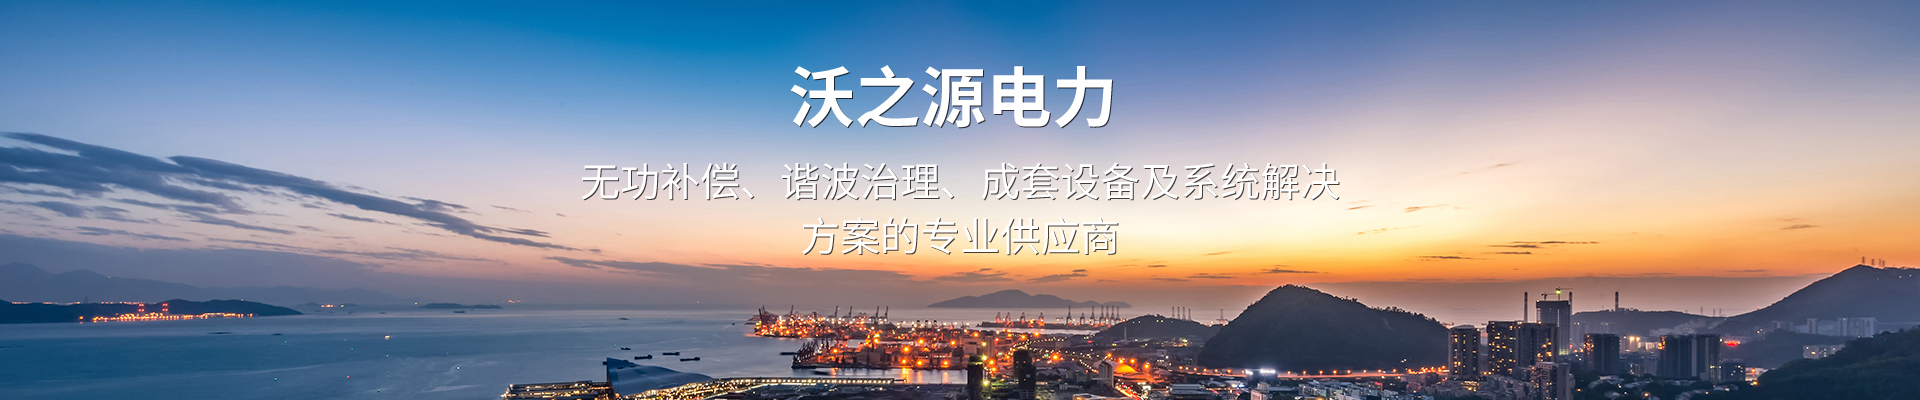 http://www.wzy-power.net/data/upload/202003/20200330135448_620.jpg